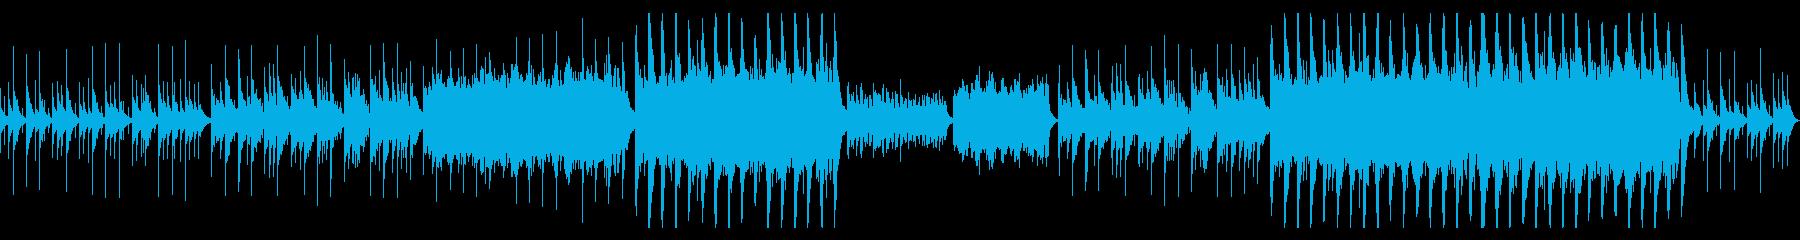 ハロウィン・ループ可・可愛く怪しく壮大の再生済みの波形